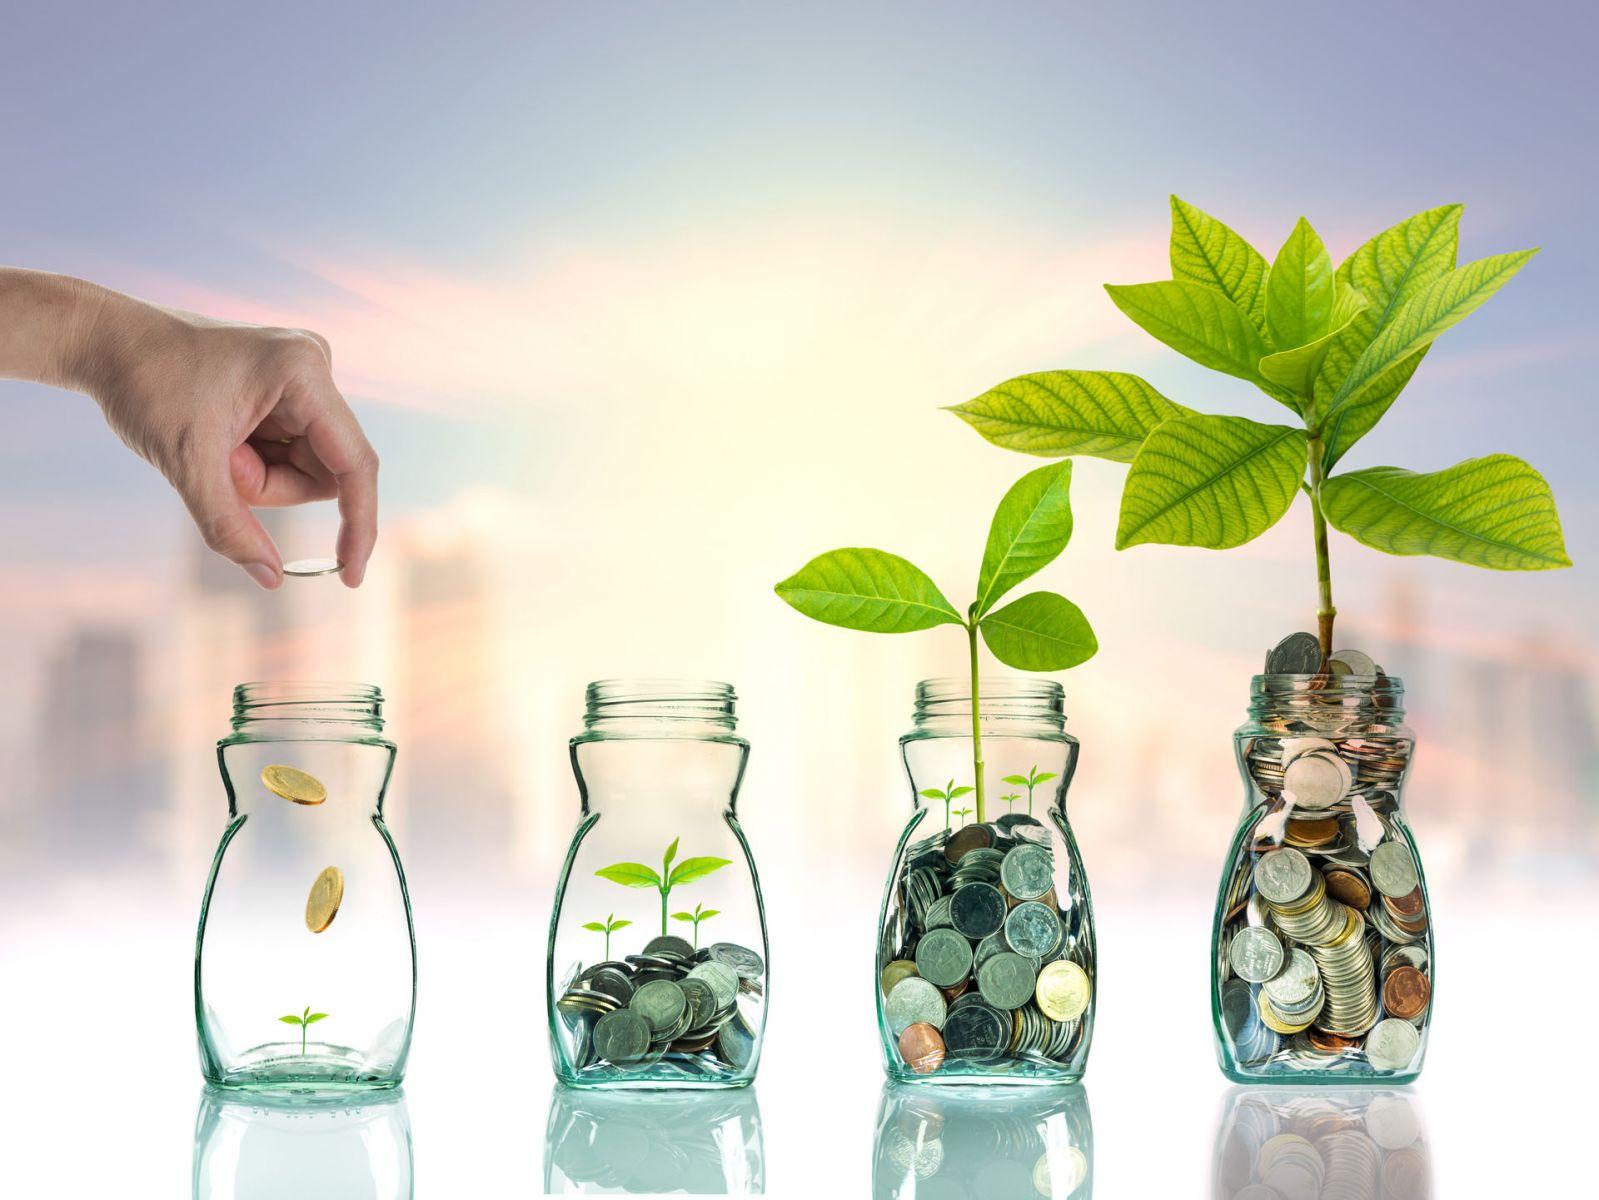 投資期間越長,獲利的機會越大!一張圖教你看懂理財投資